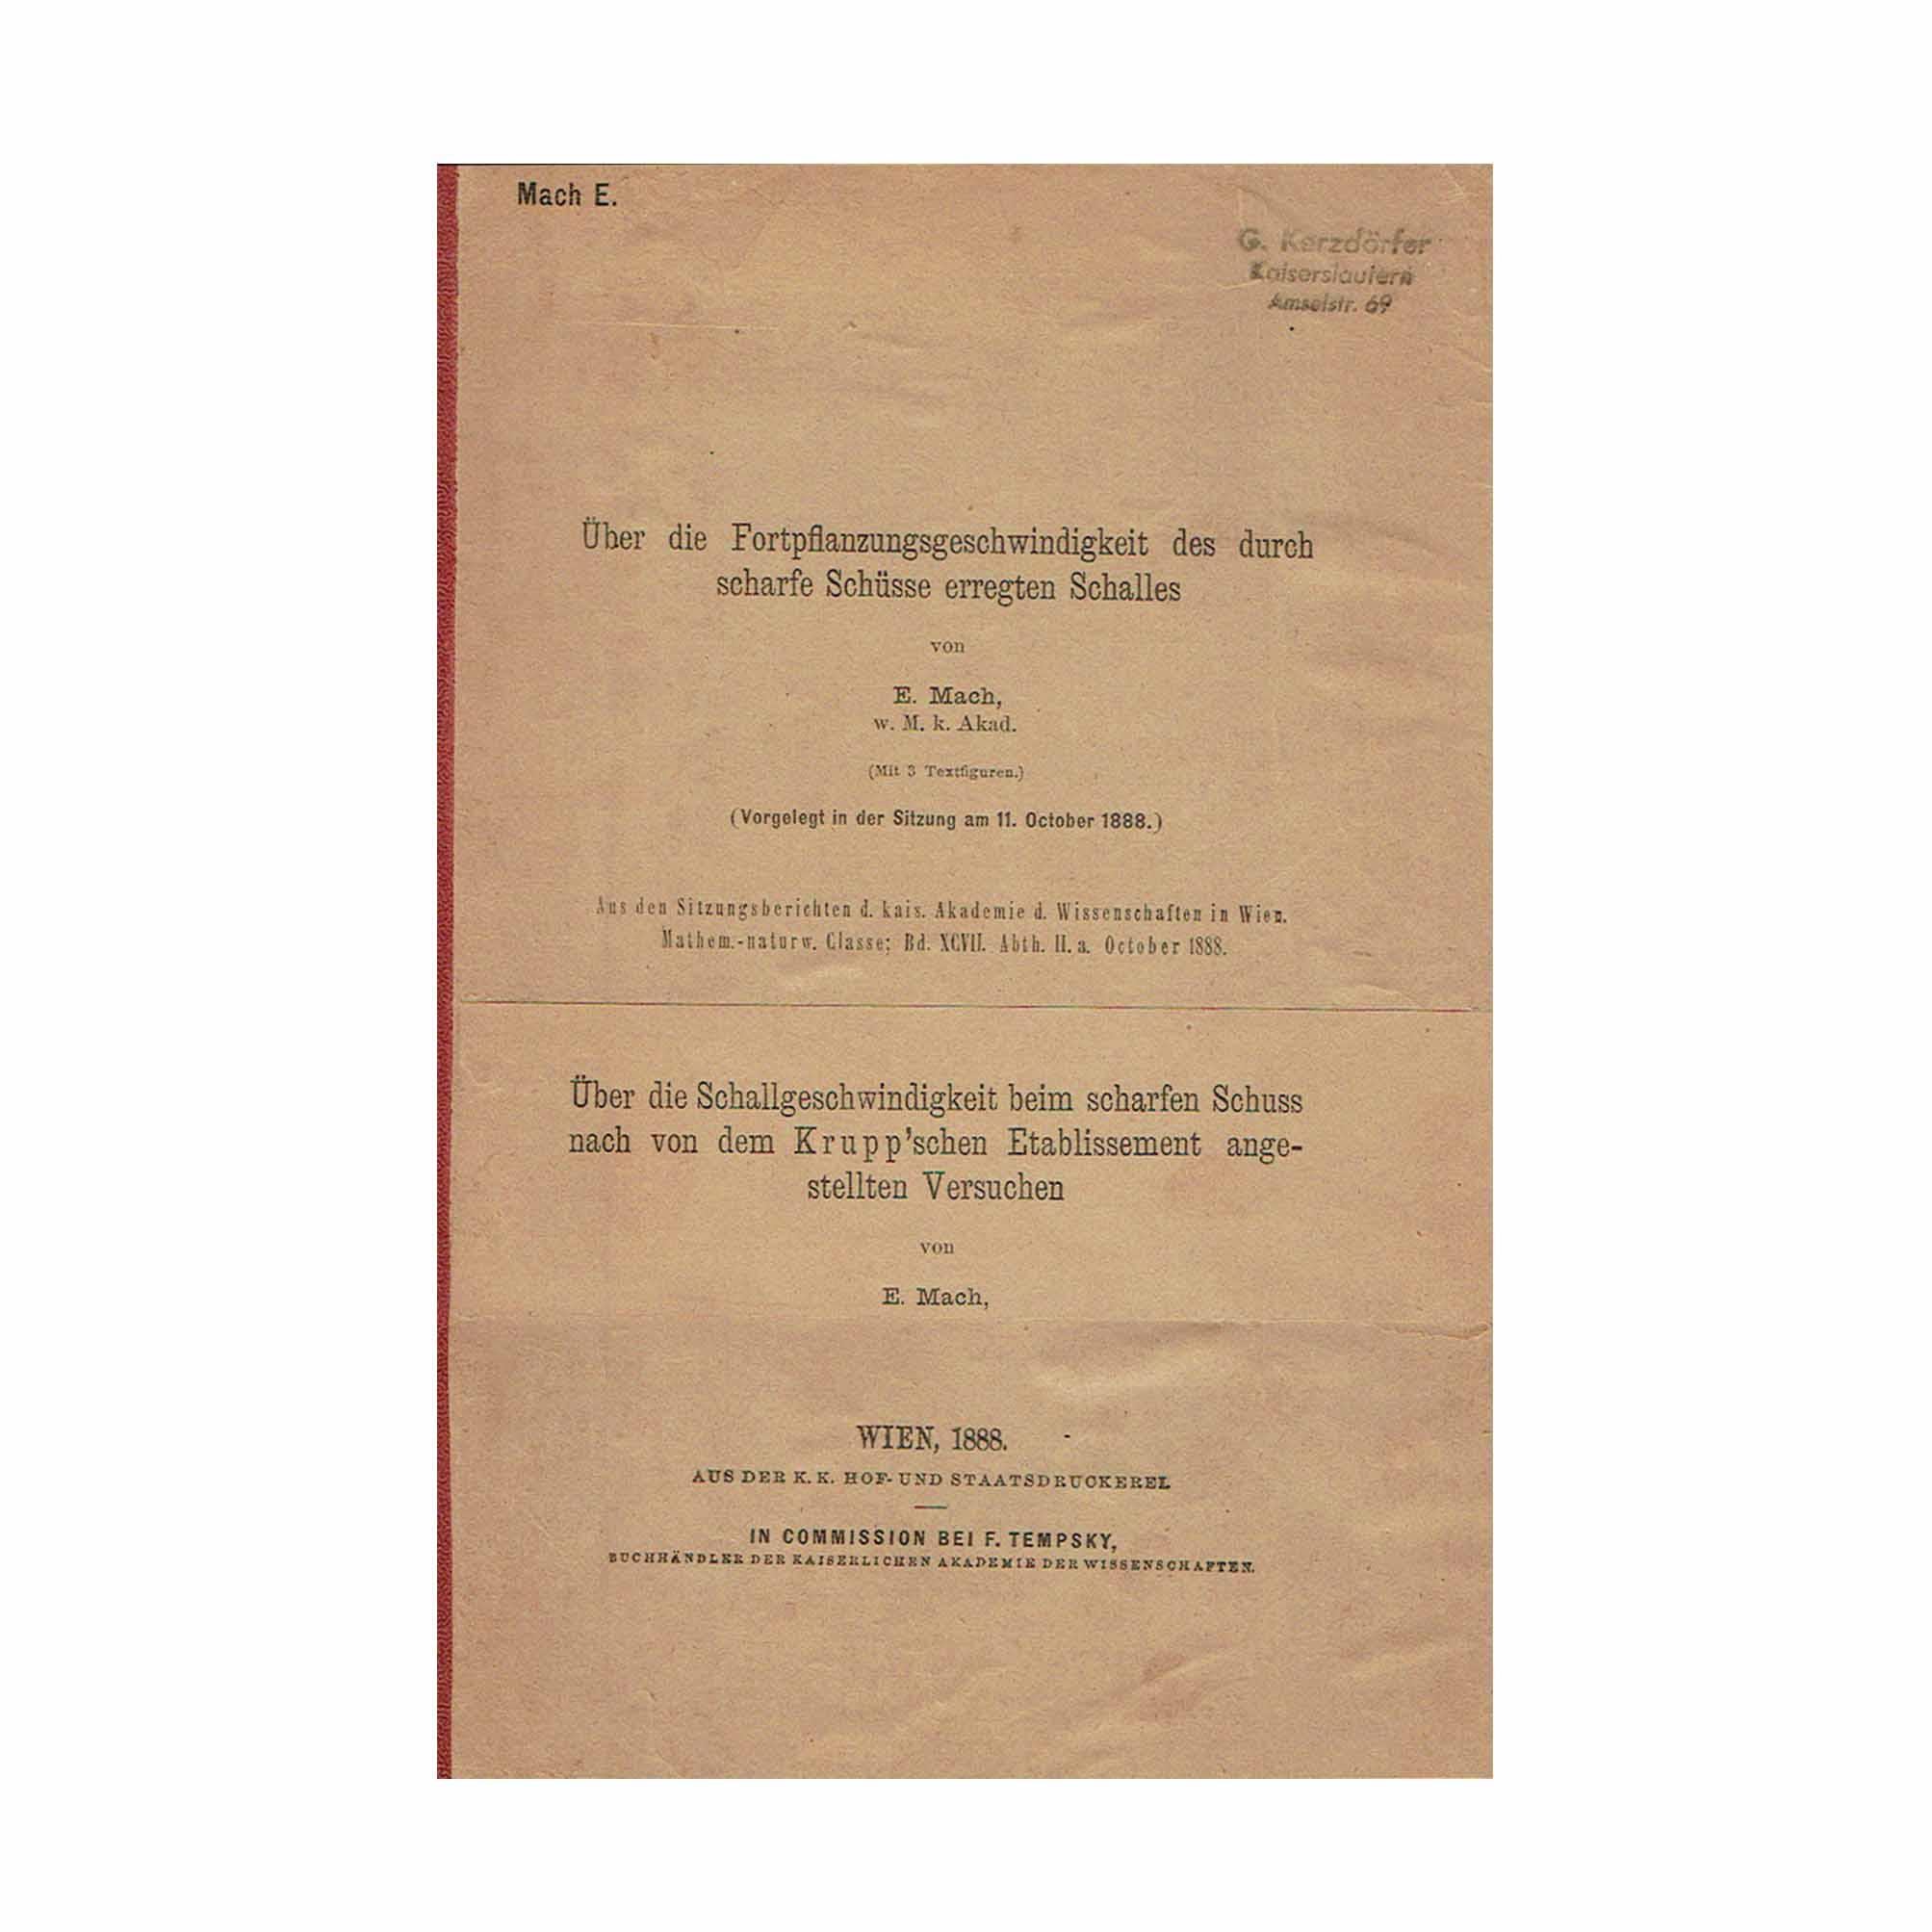 6026 Mach Schuss Schall Offprint 1888 1889 Cover front N